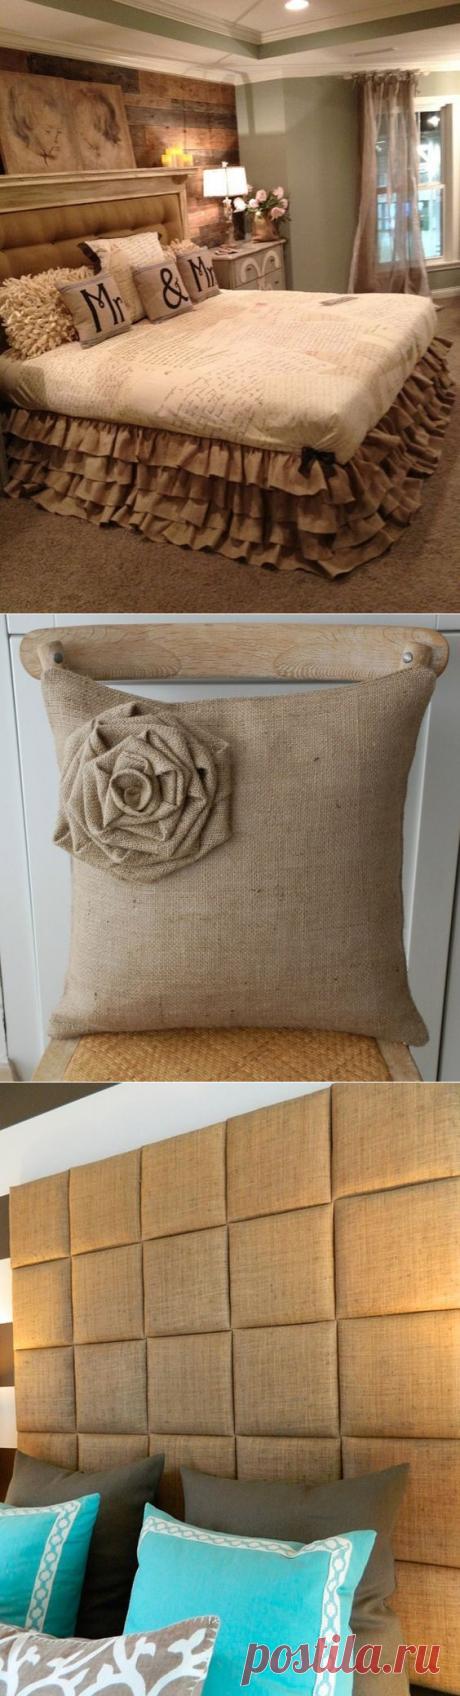 Идеи из мешковины для стильного декора